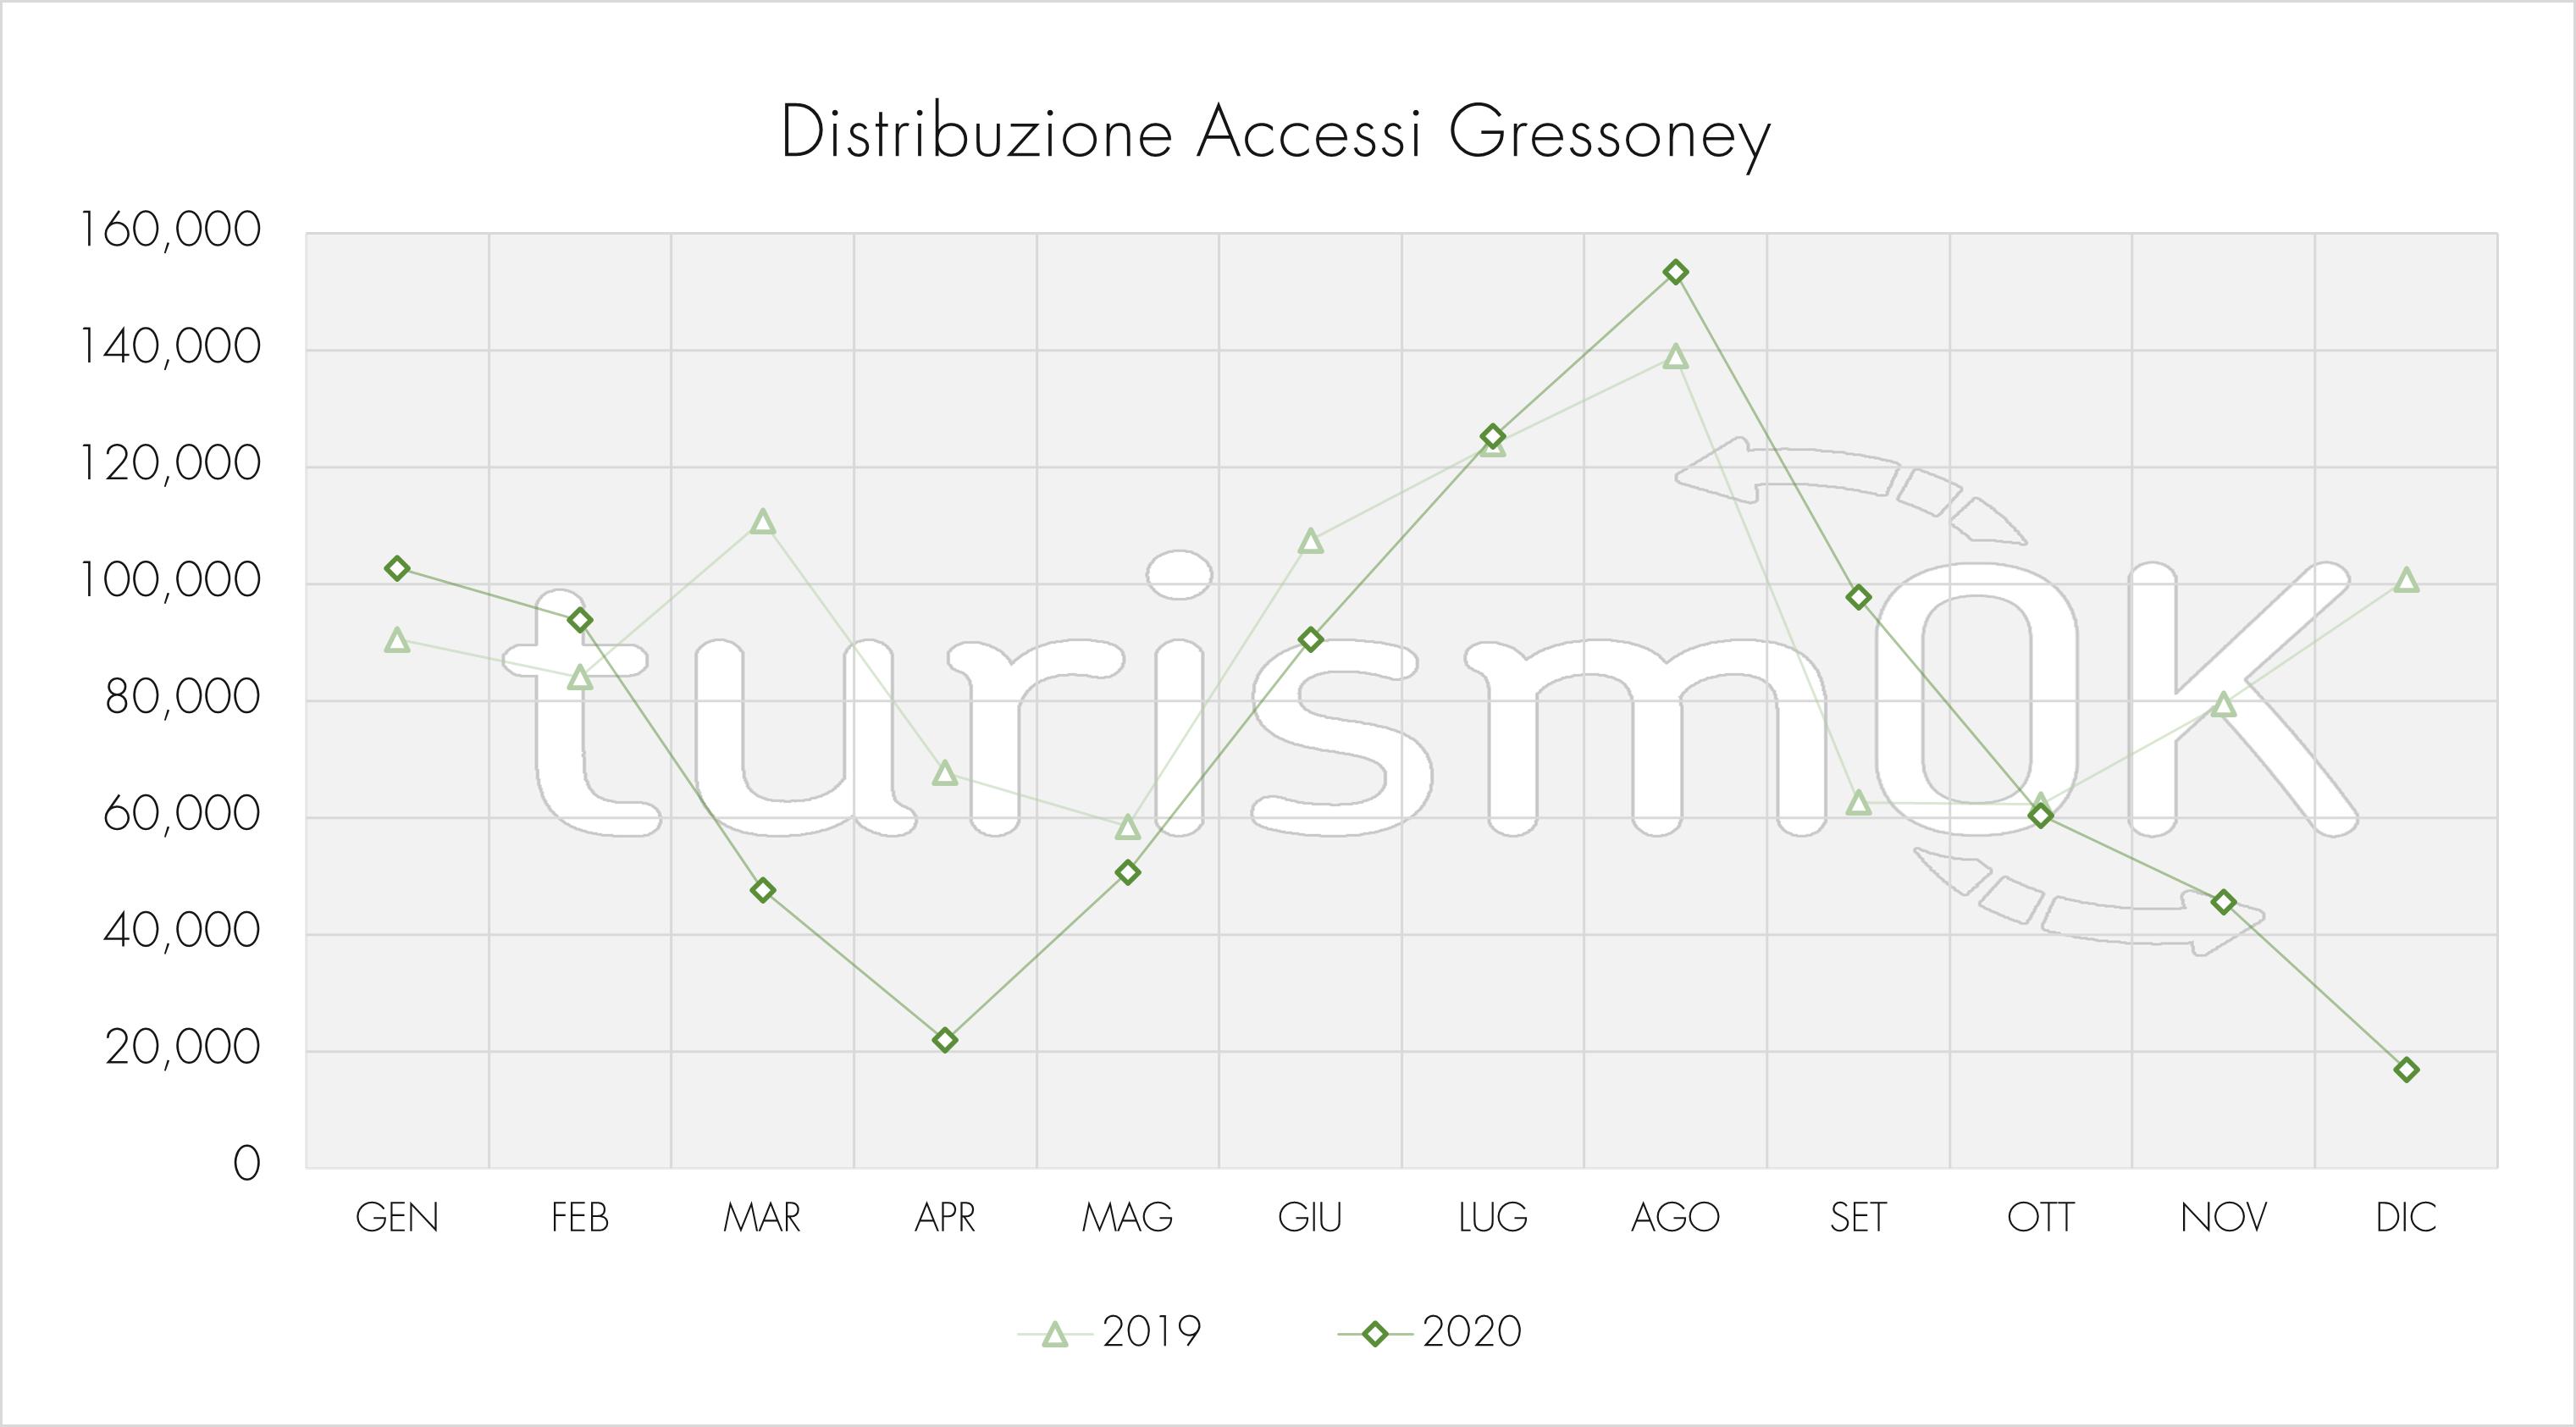 Distribuzione accessi stradali Gressoney anno 2020